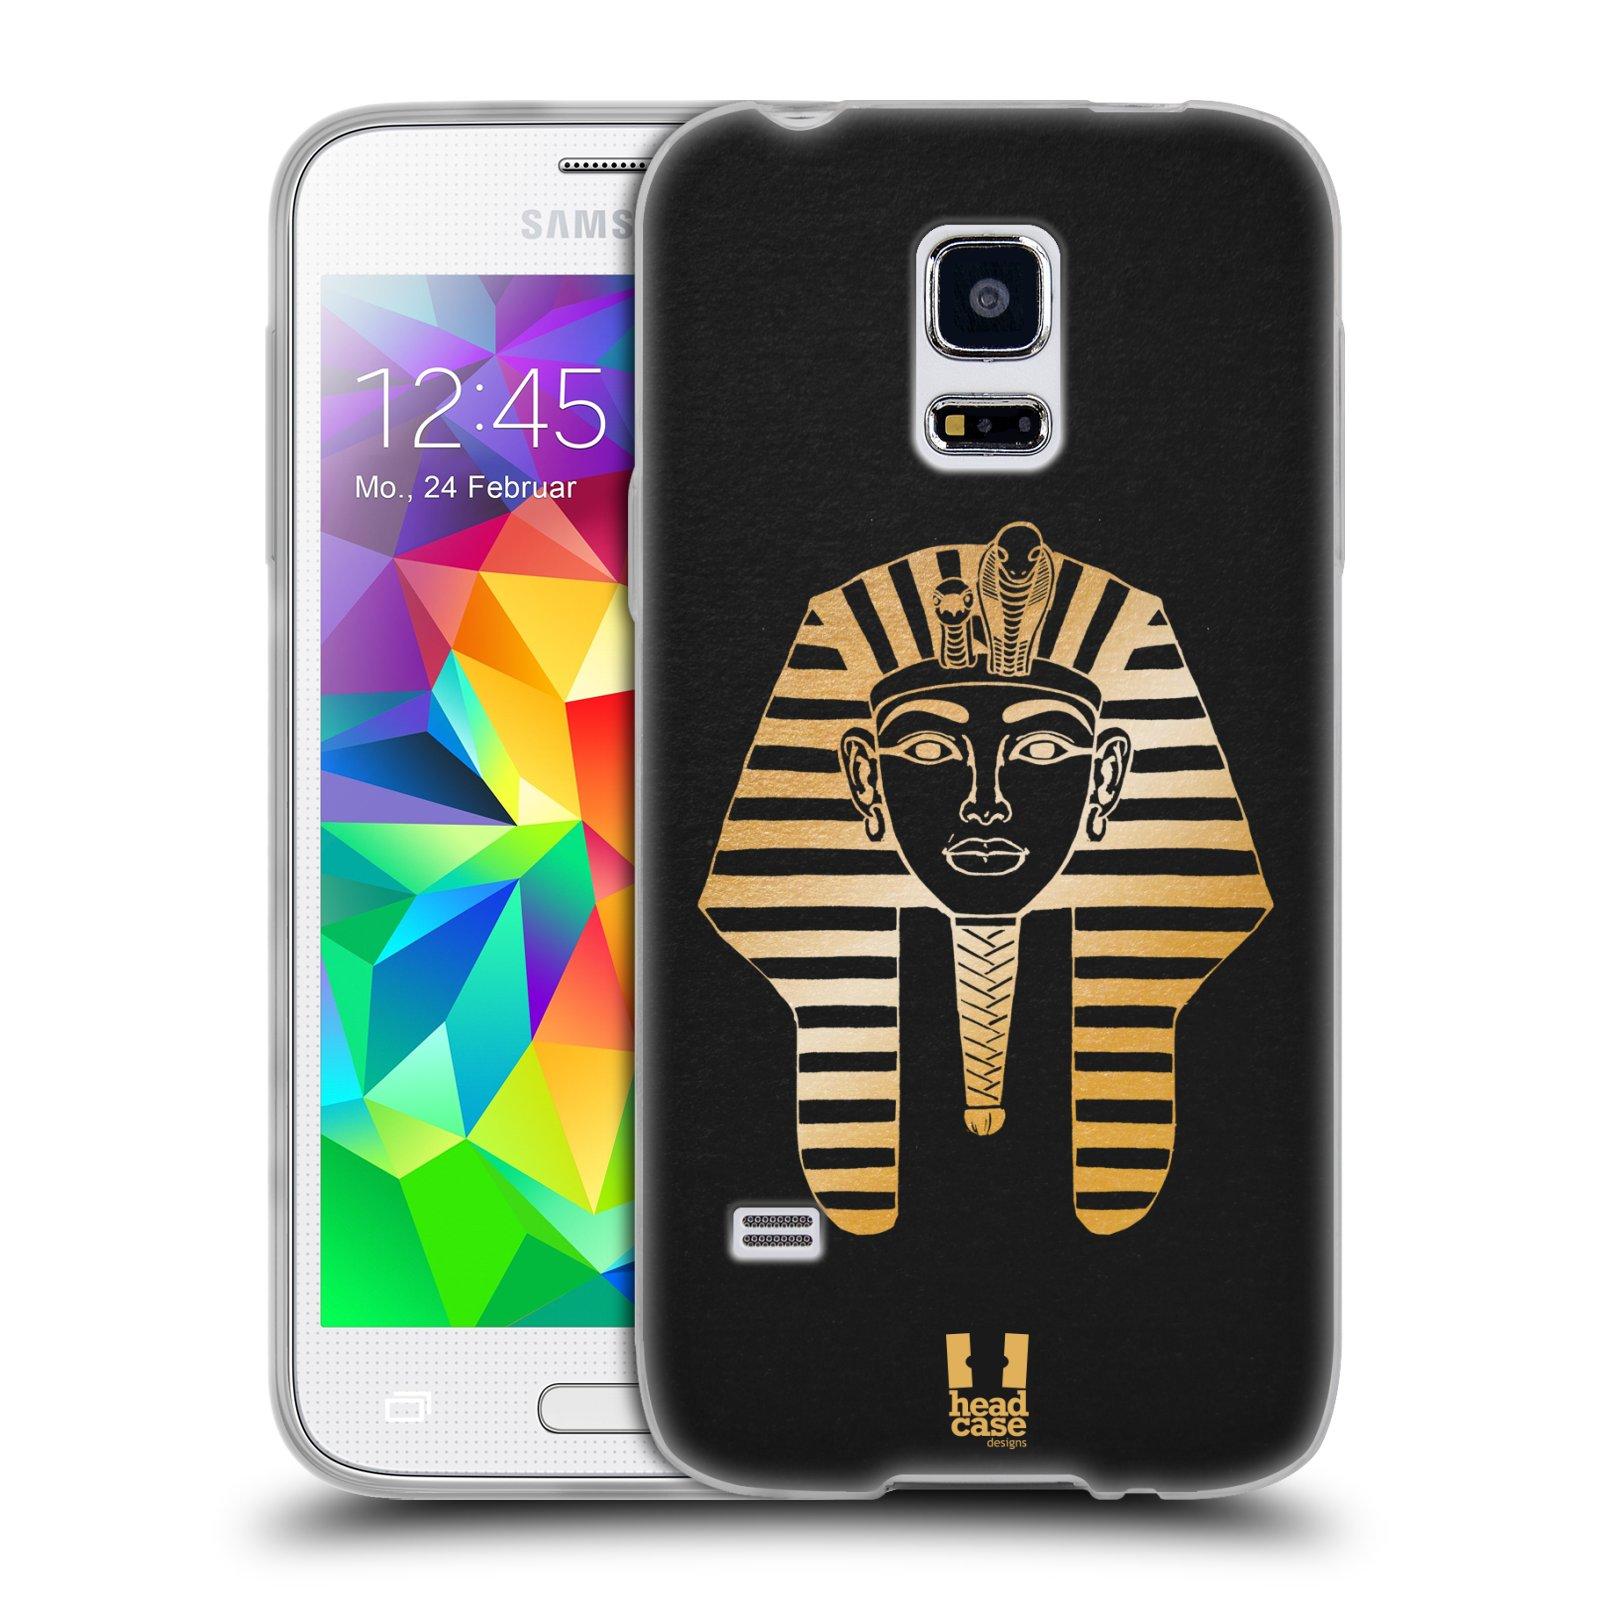 Silikonové pouzdro na mobil Samsung Galaxy S5 Mini HEAD CASE EGYPT FARAON (Silikonový kryt či obal na mobilní telefon Samsung Galaxy S5 Mini SM-G800F)